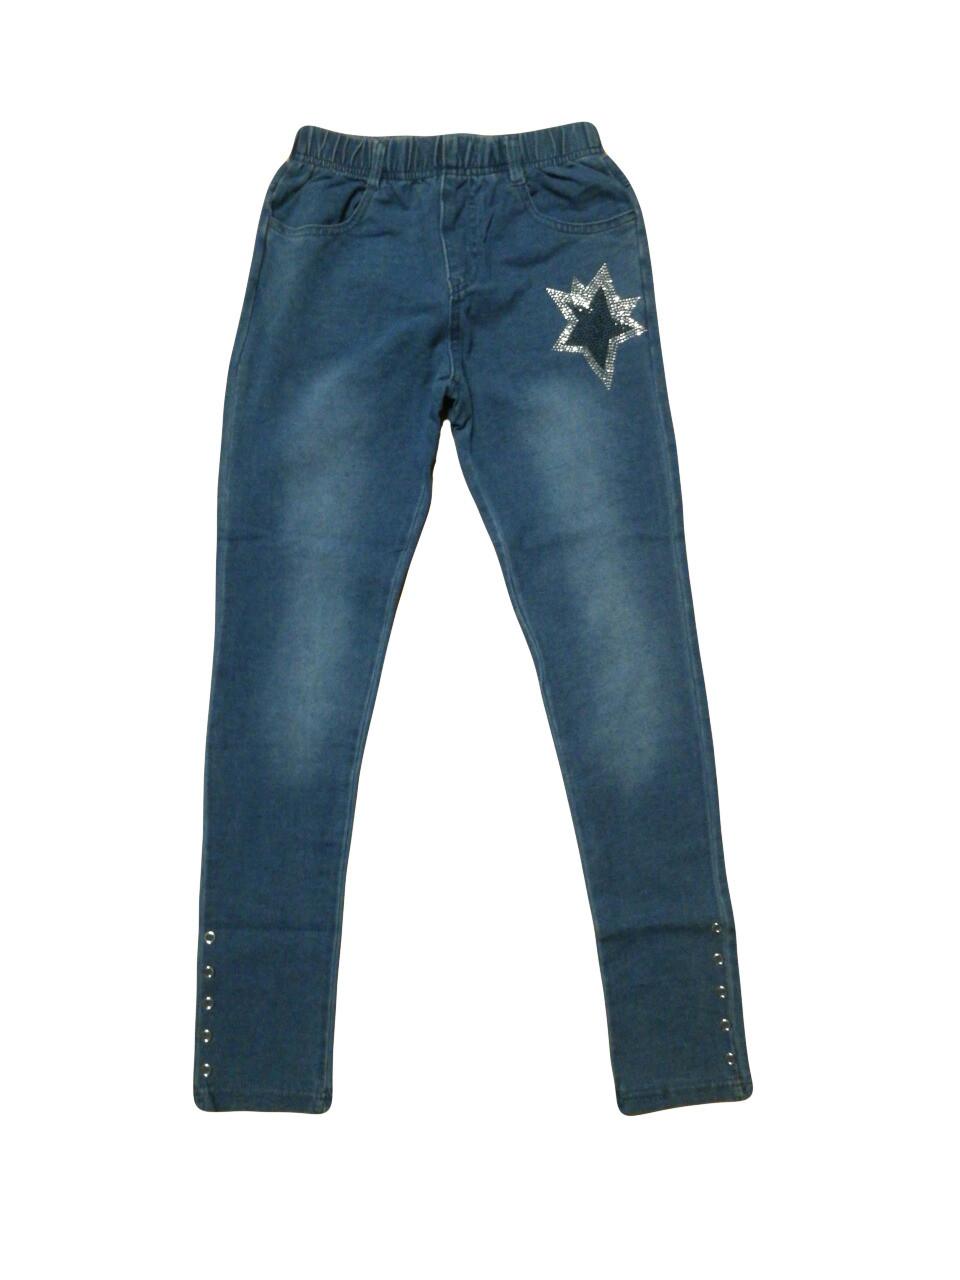 Лосины под джинс  для девочек F&D оптом, 8-16 лет, арт.9667